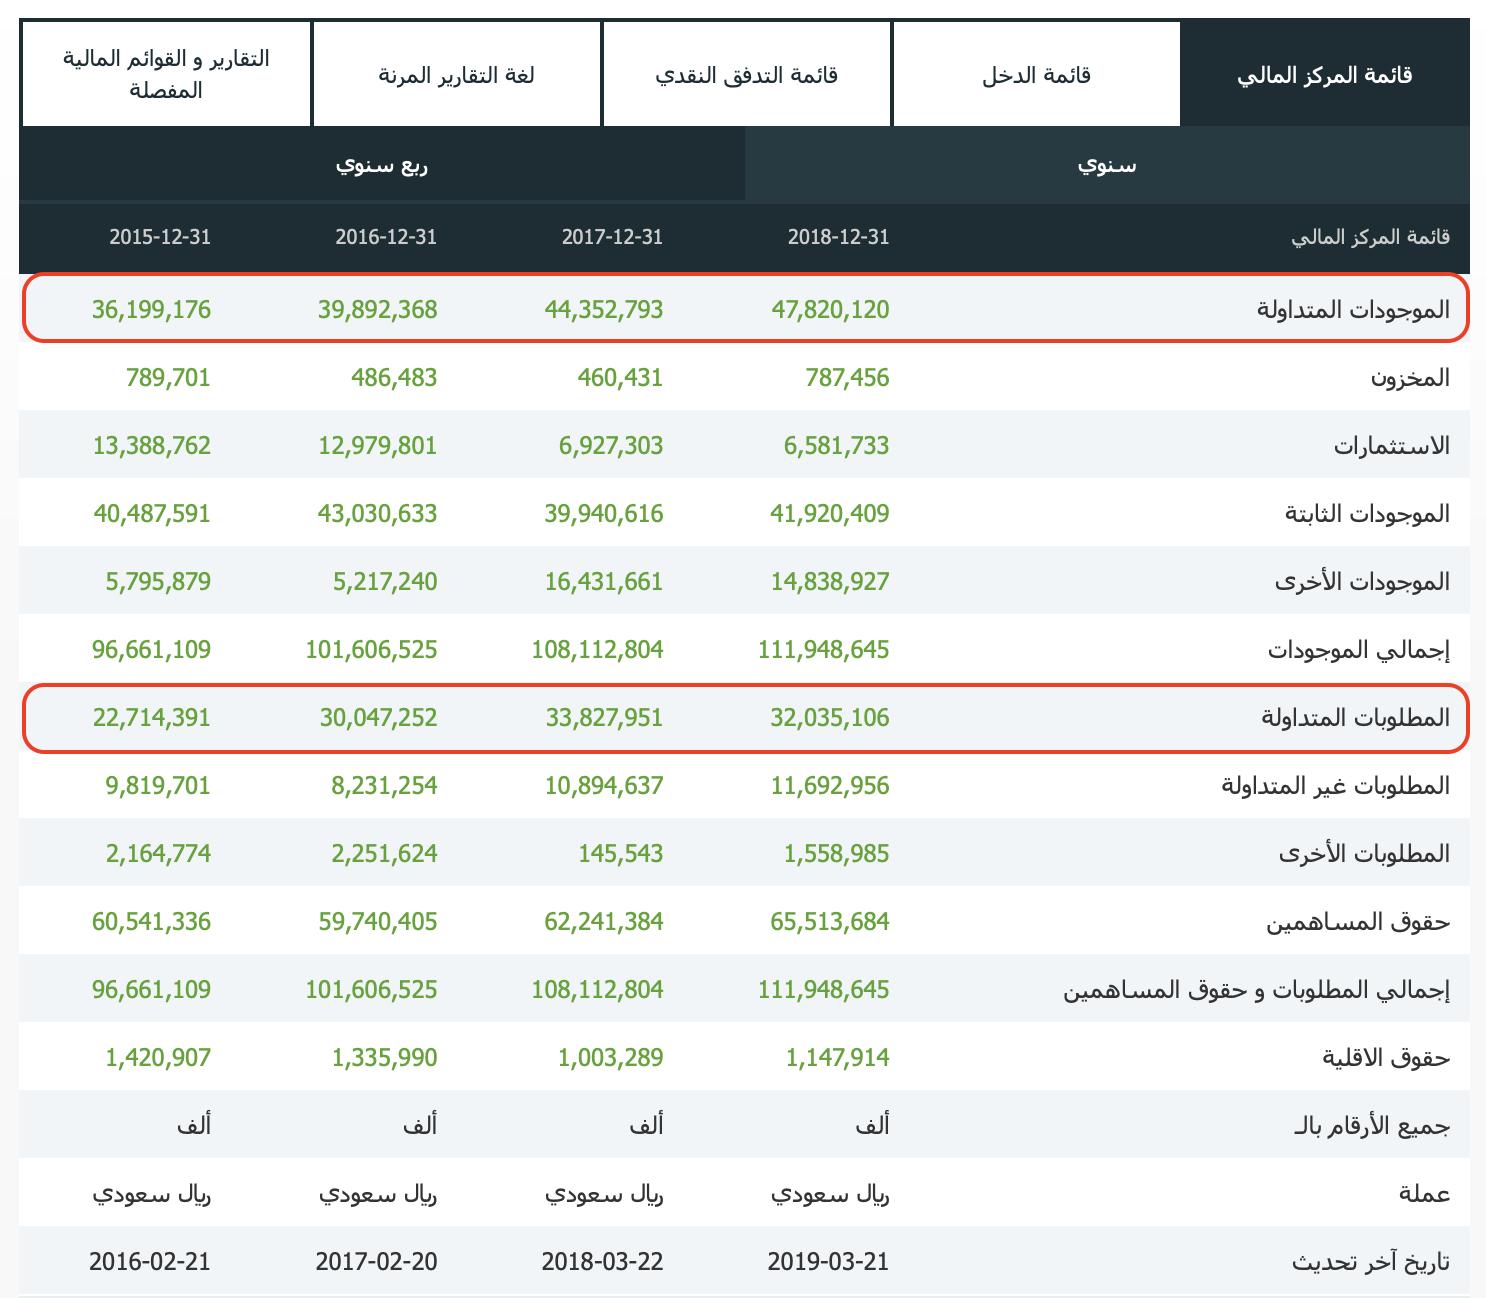 قائمة المركز المالي - المطلوبات المتداولة و الموجودات المتداولة